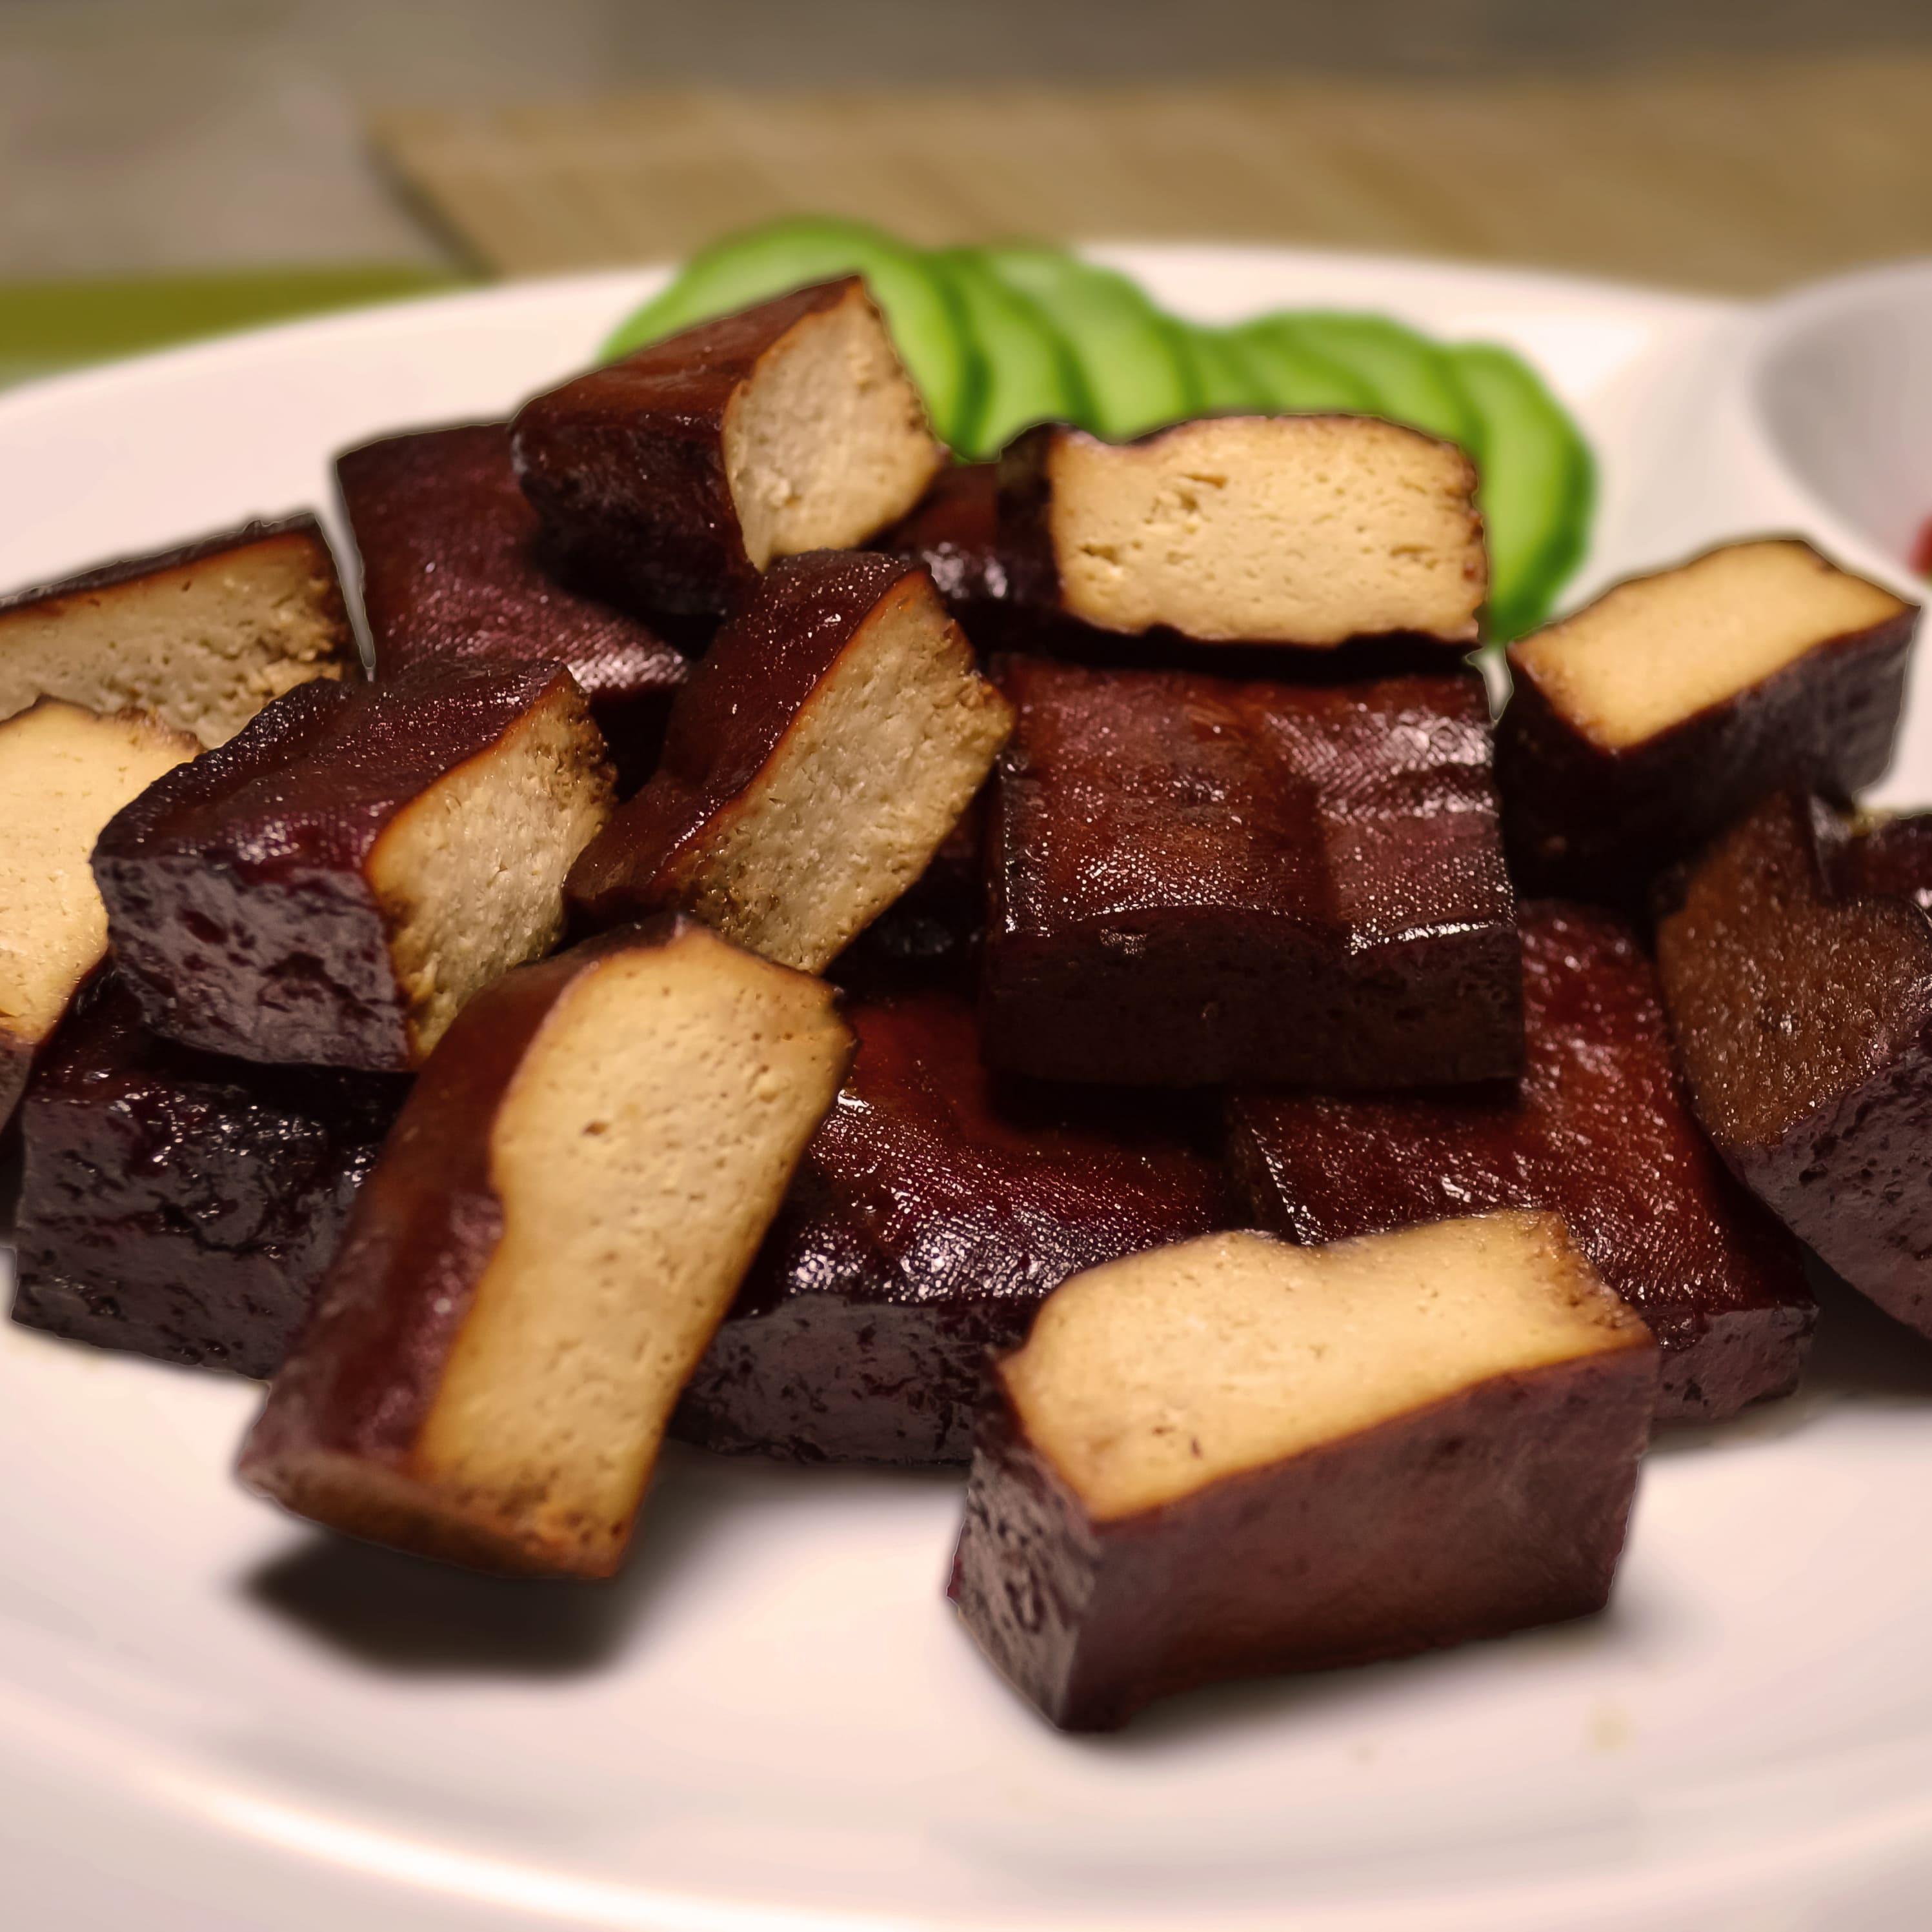 珍廚坊 醬滷香Q小豆干|多汁厚片豆干170g入|料理級滷味/新鮮現滷|非基改黃豆|團購美食|真空包裝退冰即食/滷汁飽滿美味健康新選擇